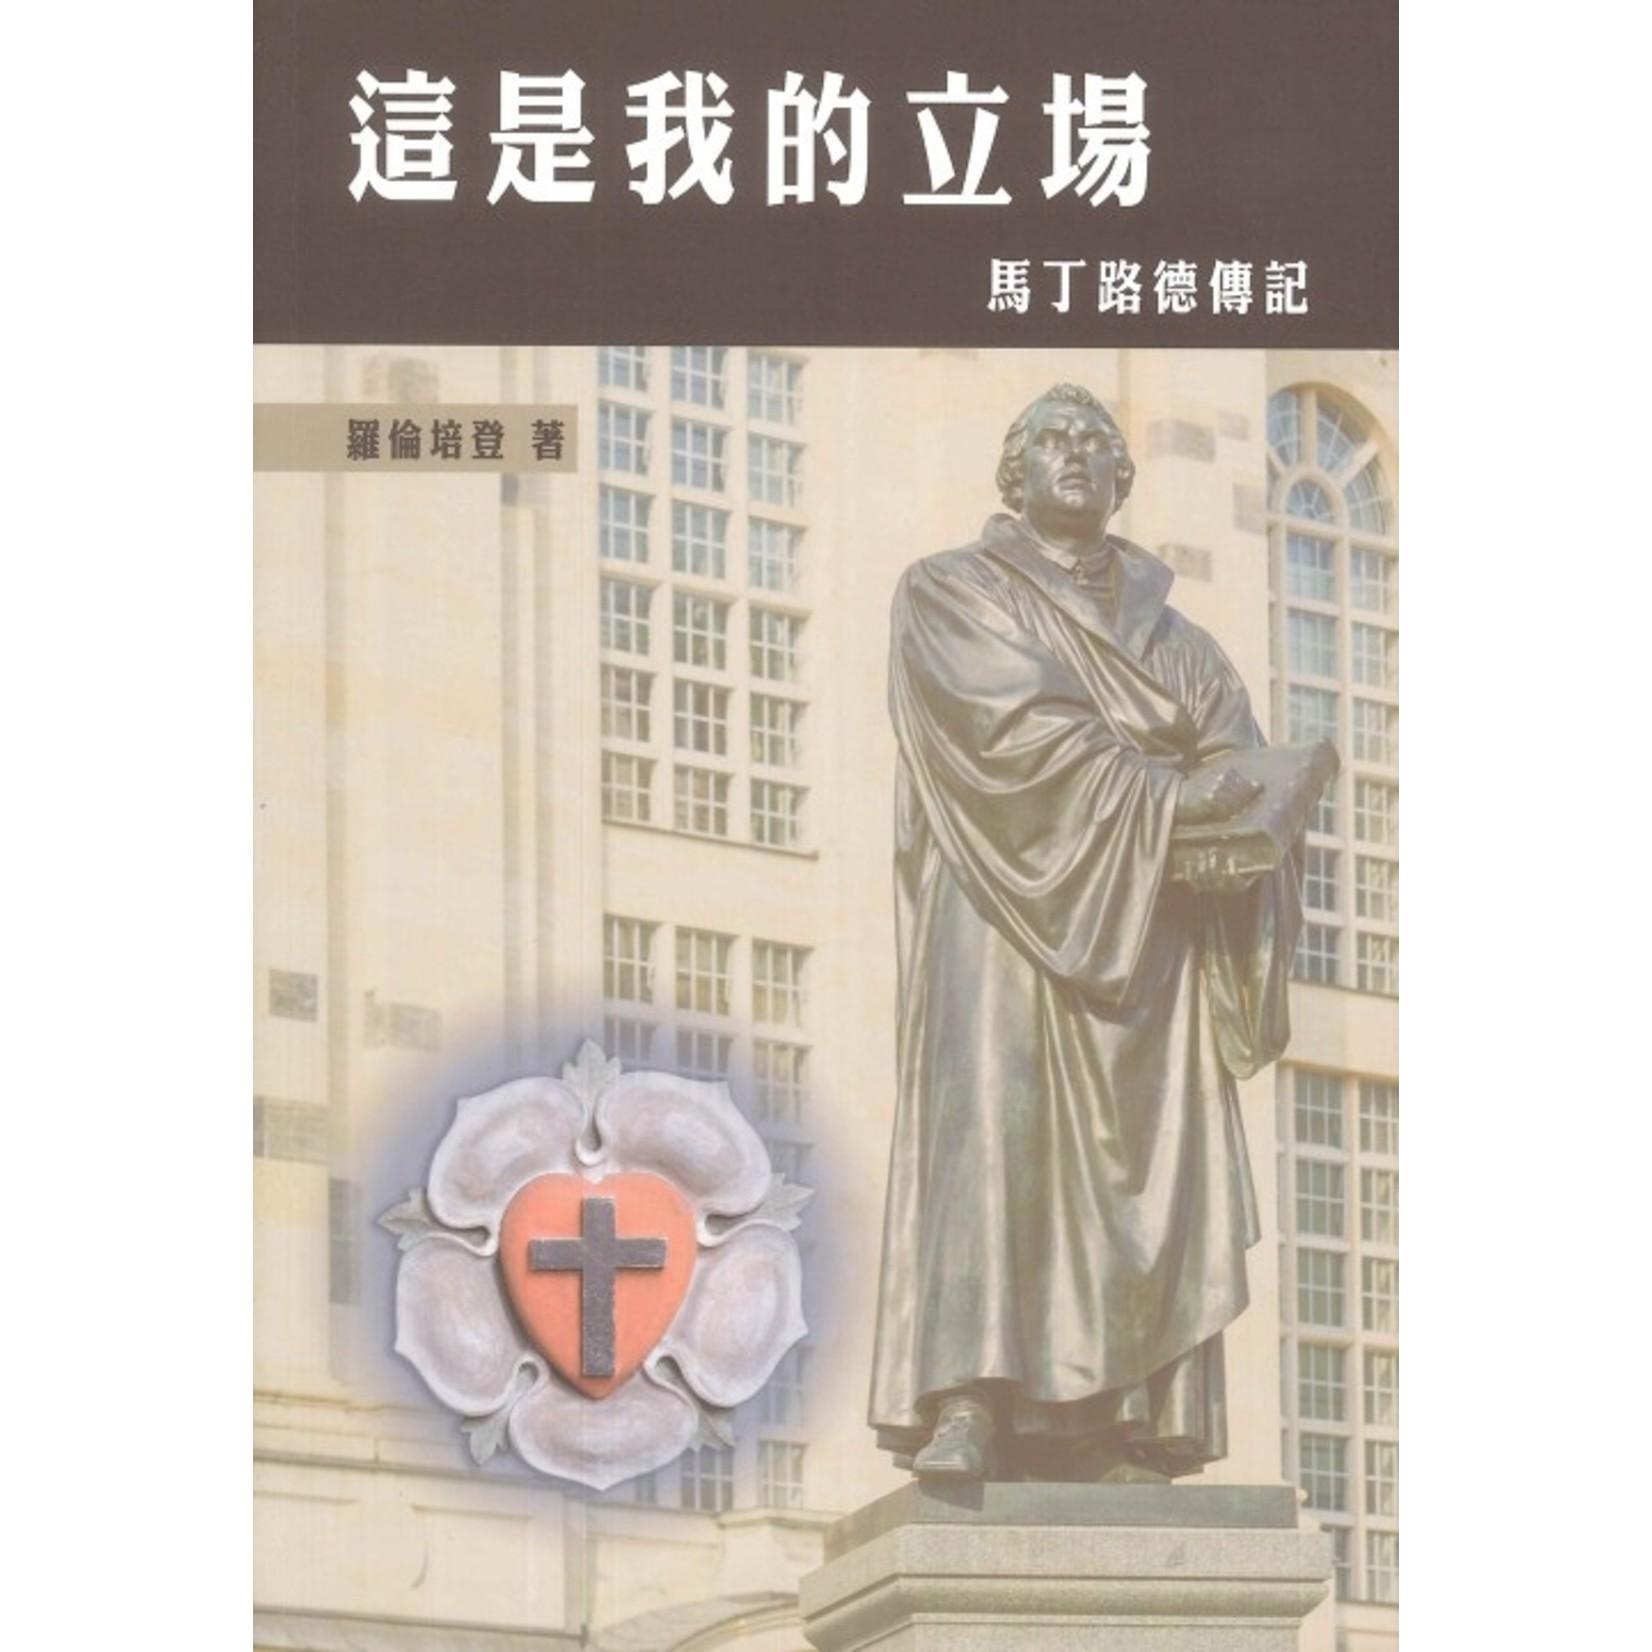 道聲(香港) Taosheng Hong Kong 這是我的立場:馬丁路德傳記(修訂版) Here I Stand - A Life Of Martin Luther